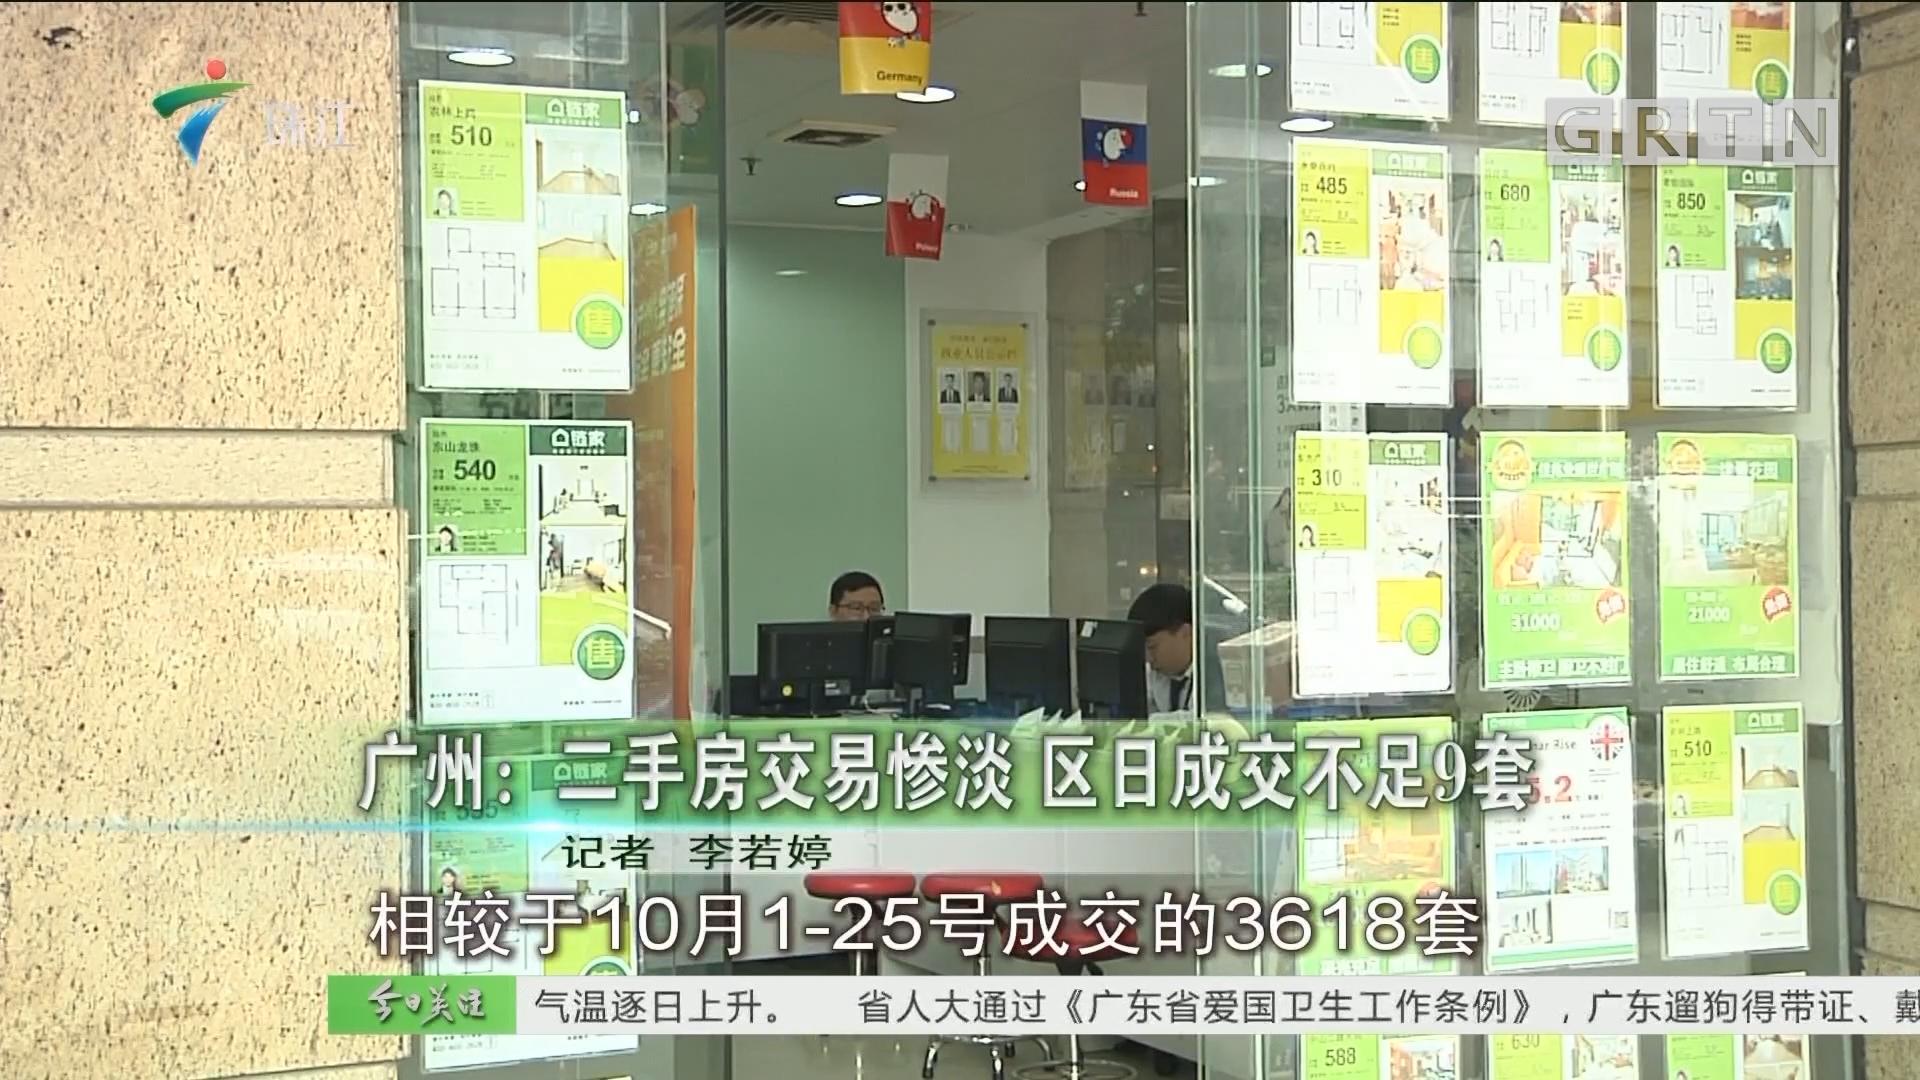 广州:二手房交易惨淡 区日成交不足9套